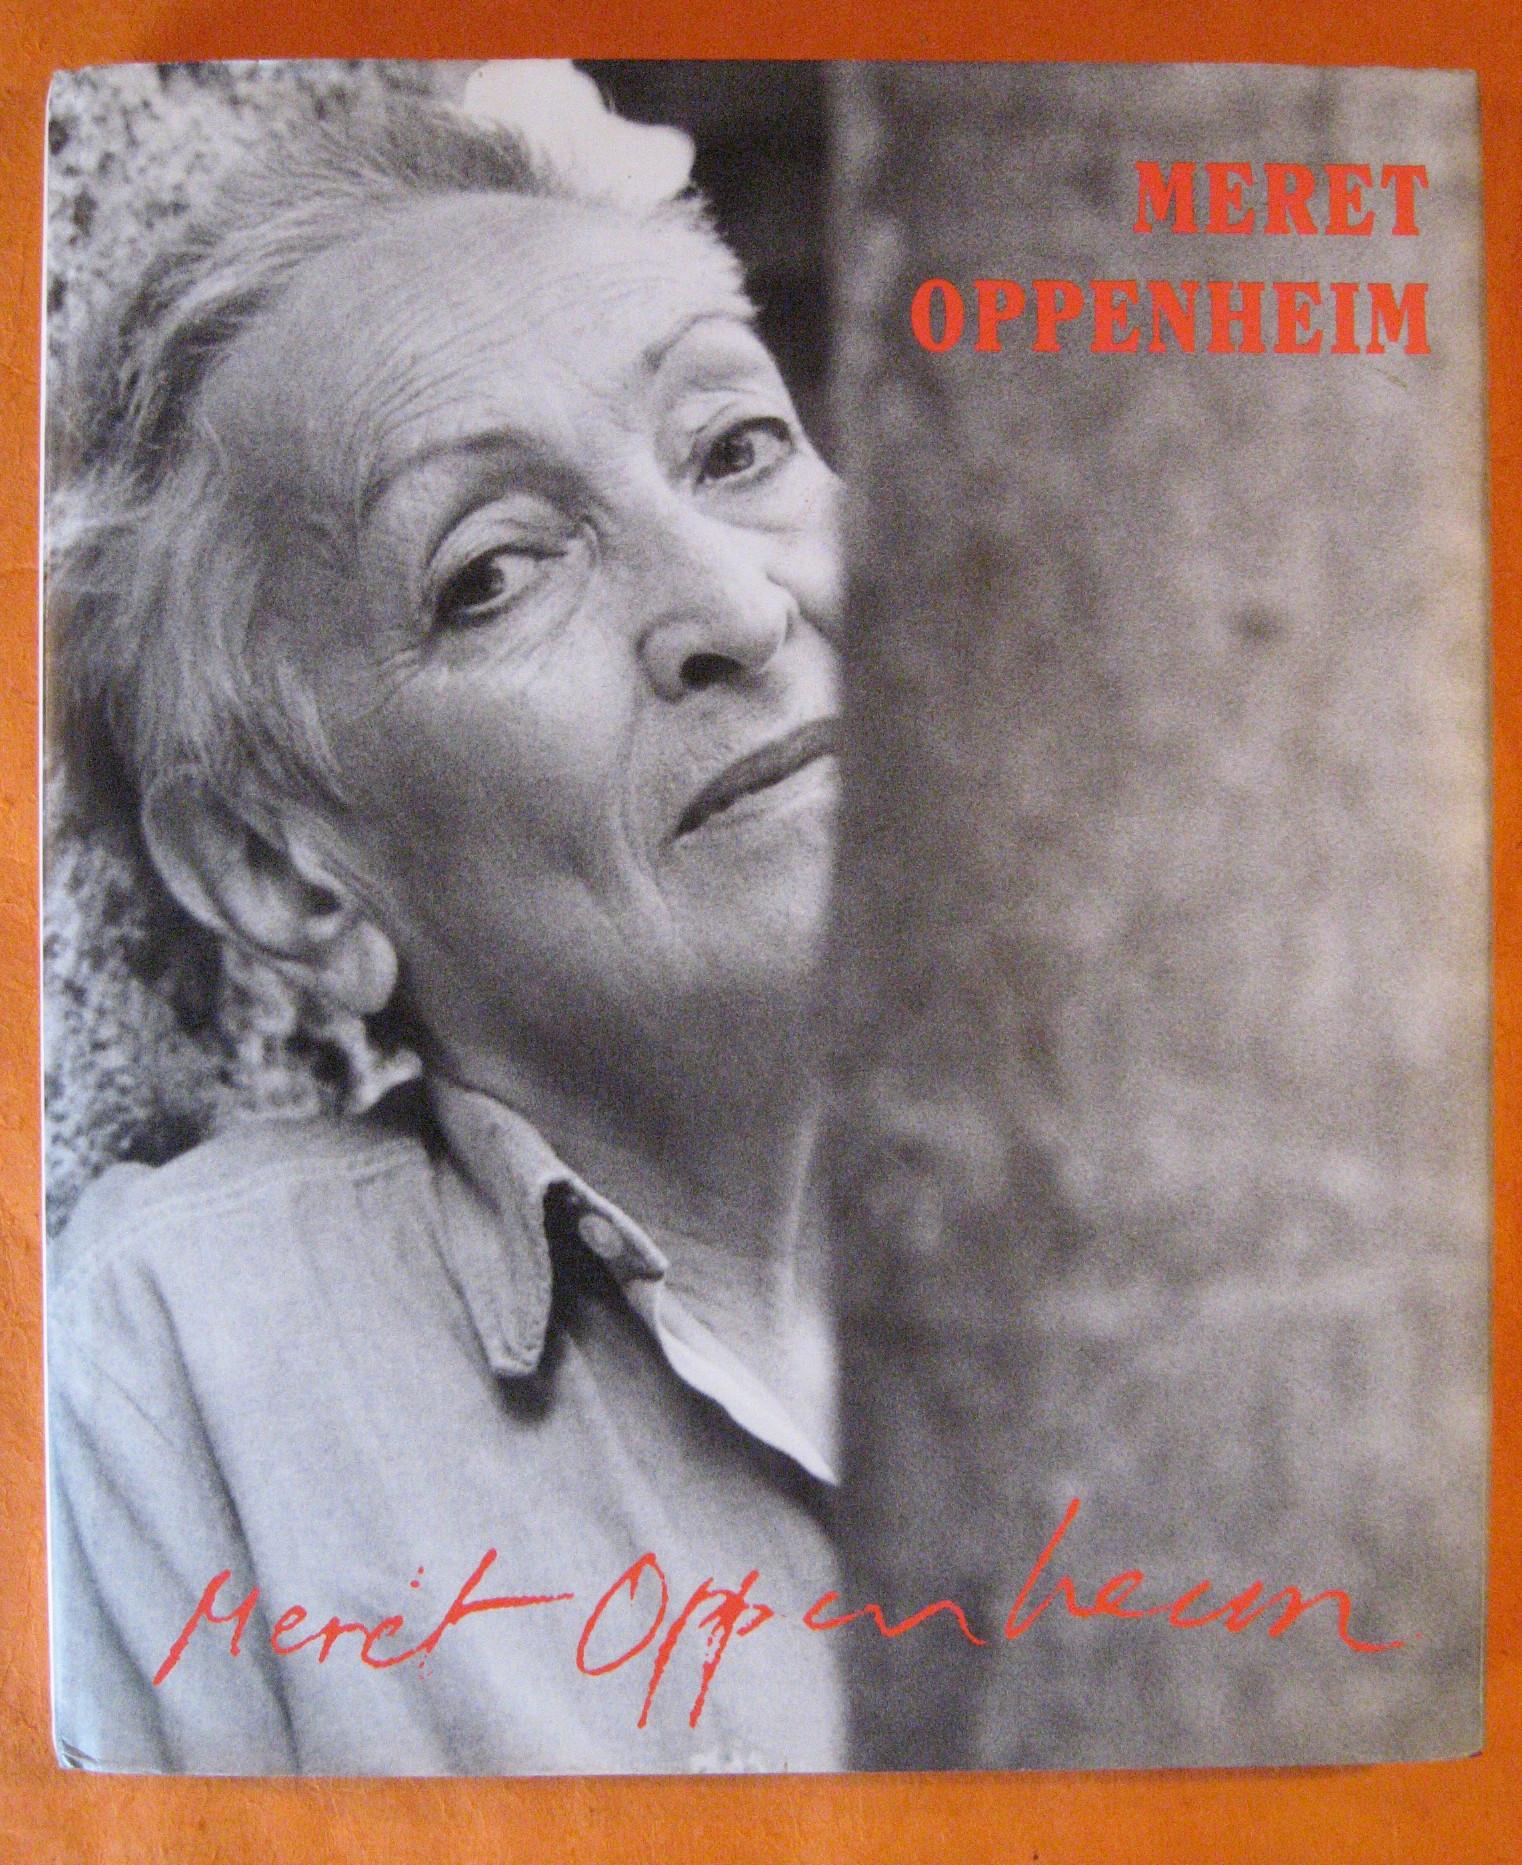 Meret Oppenheim: A Different Retrospective, Curiger, Bice; Burckhardt, Jacqueline; Burckhardt, Jacqueline; Curiger, Bice; Krinzinger, Ursula; Hofmann, Werner